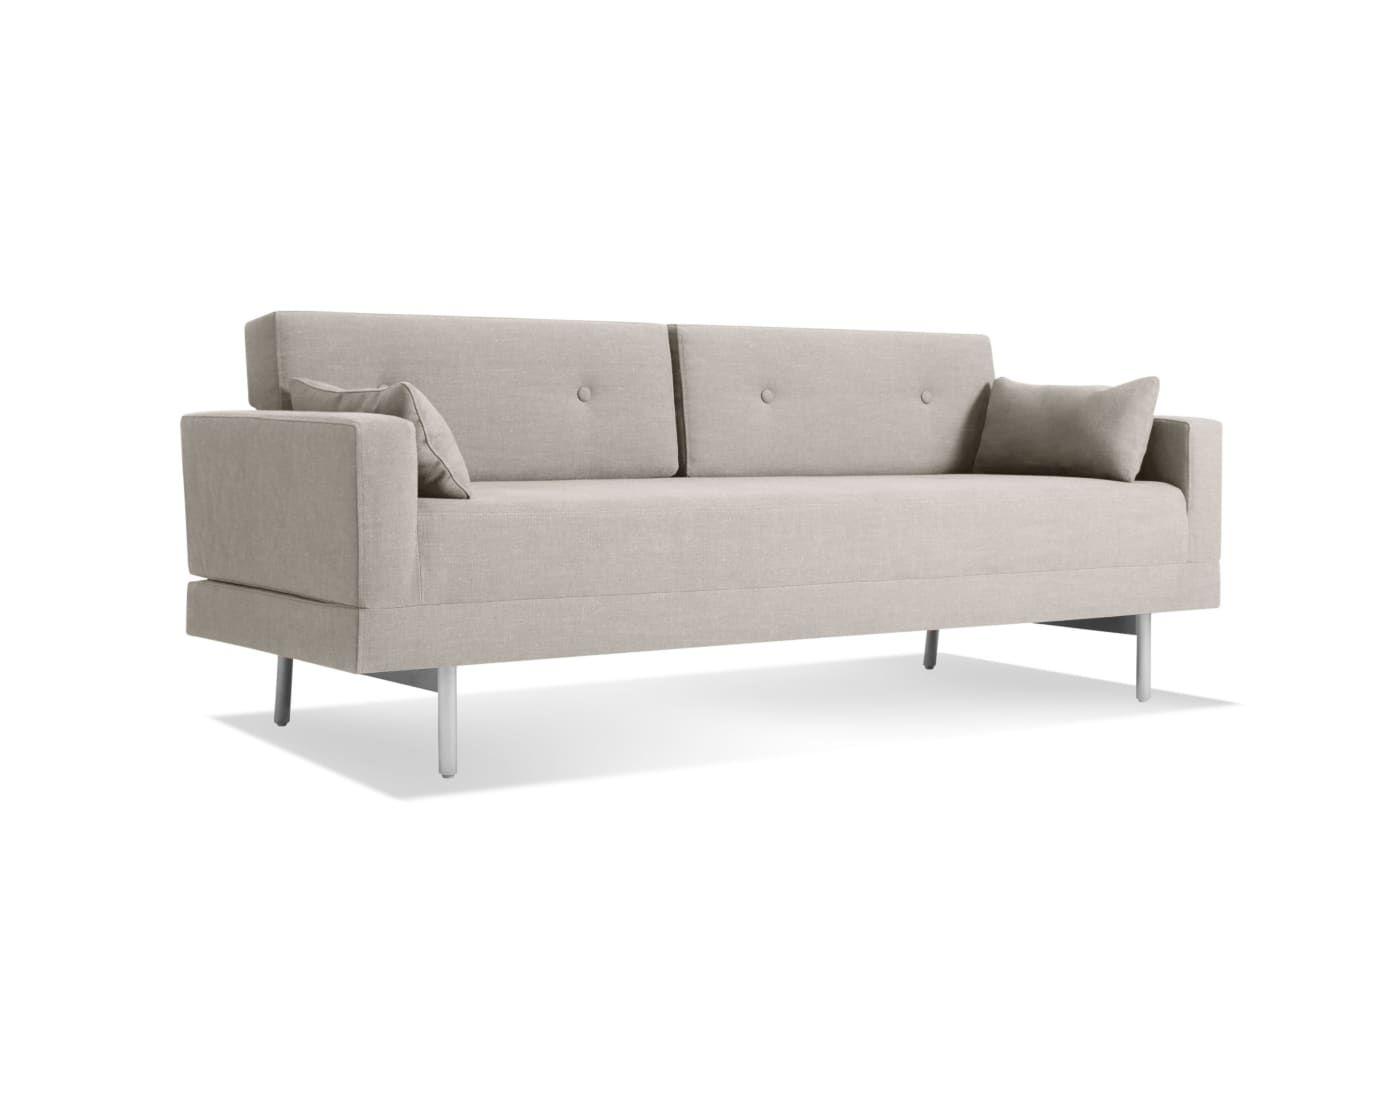 One Night Stand 80 In 2020 Modern Sleeper Sofa Sleeper Sofa Sofa